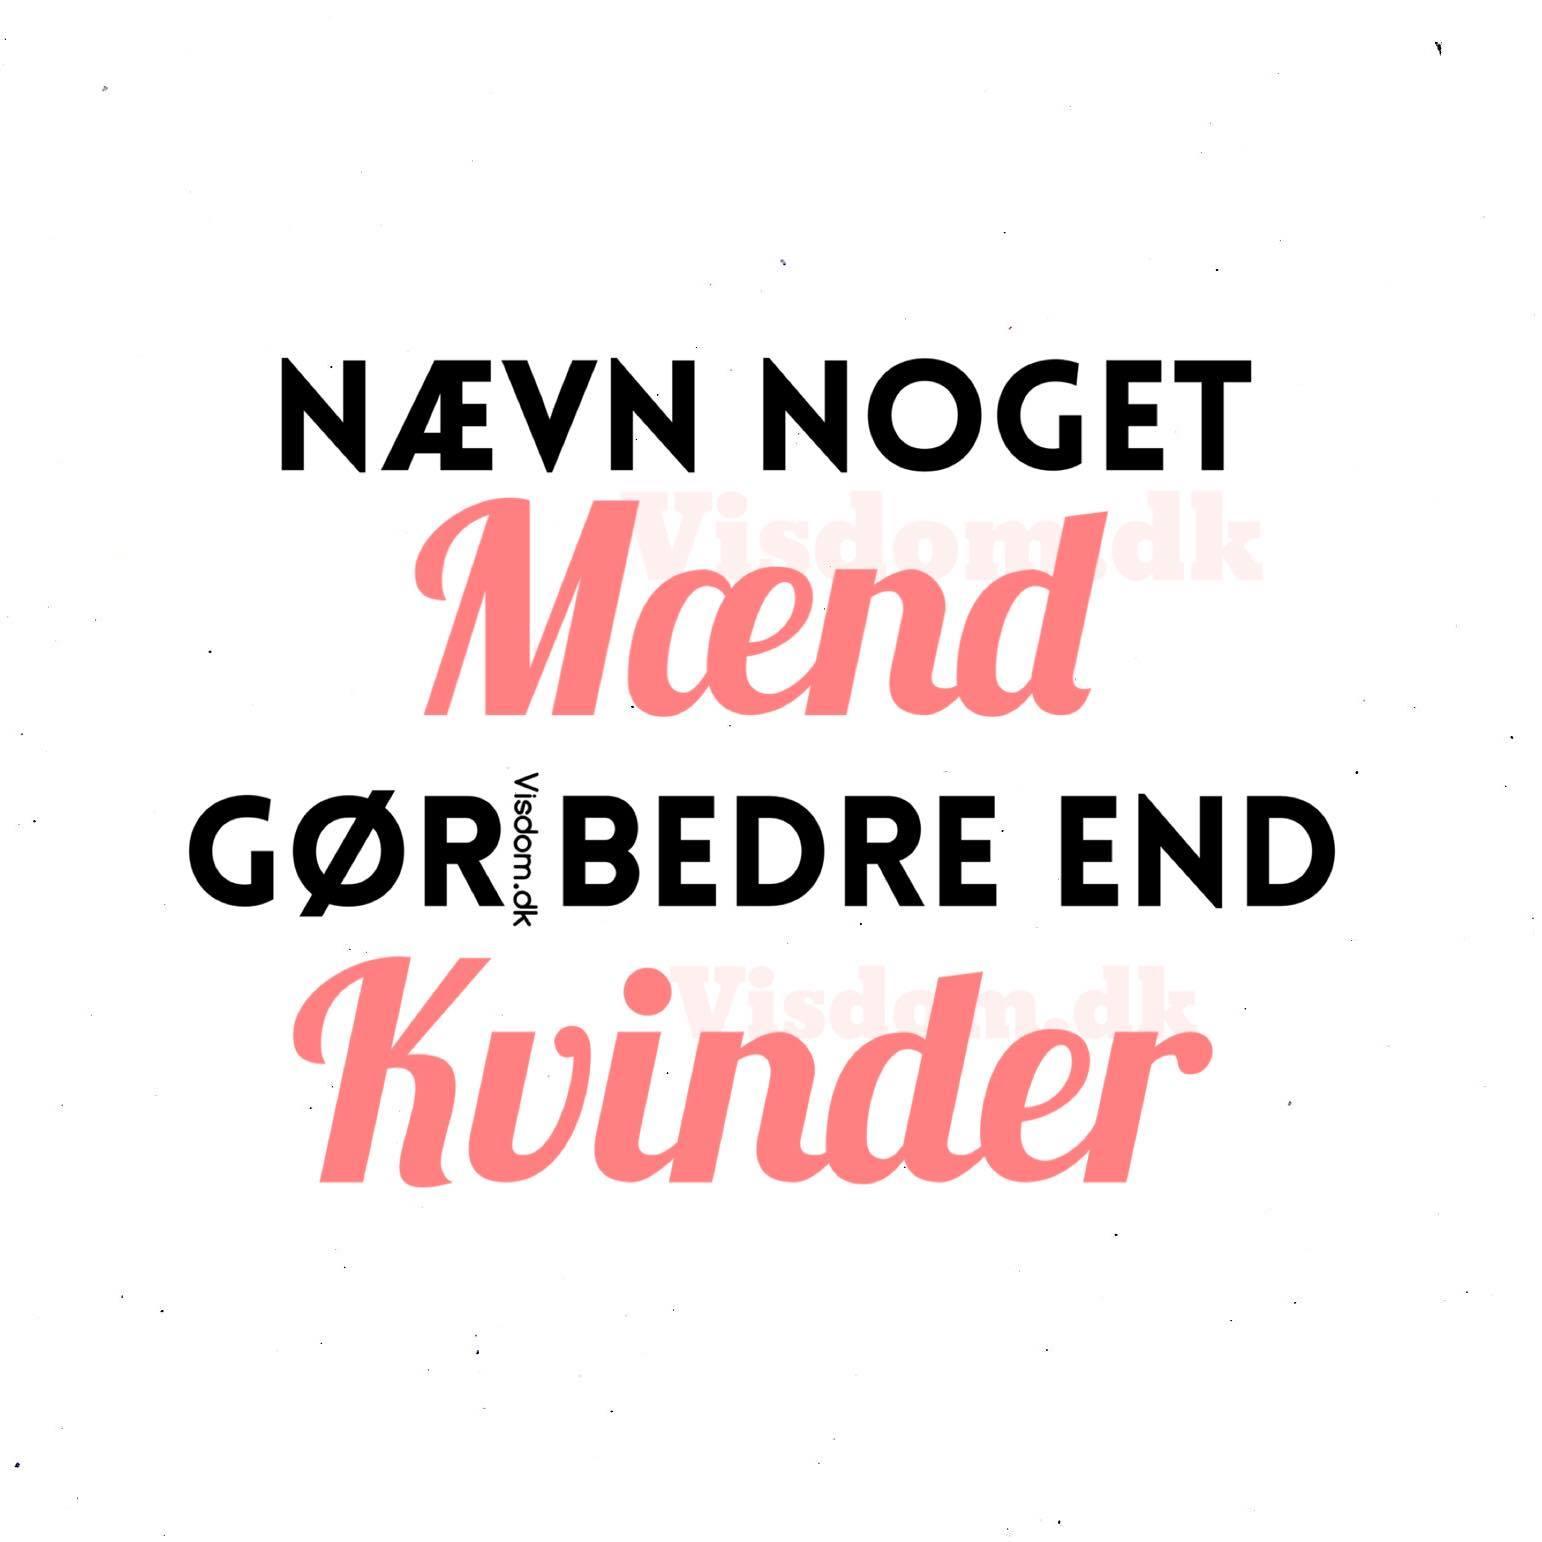 citat mænd kvinder   Danmarks bedste citater & billeder finder du altid på  citat mænd